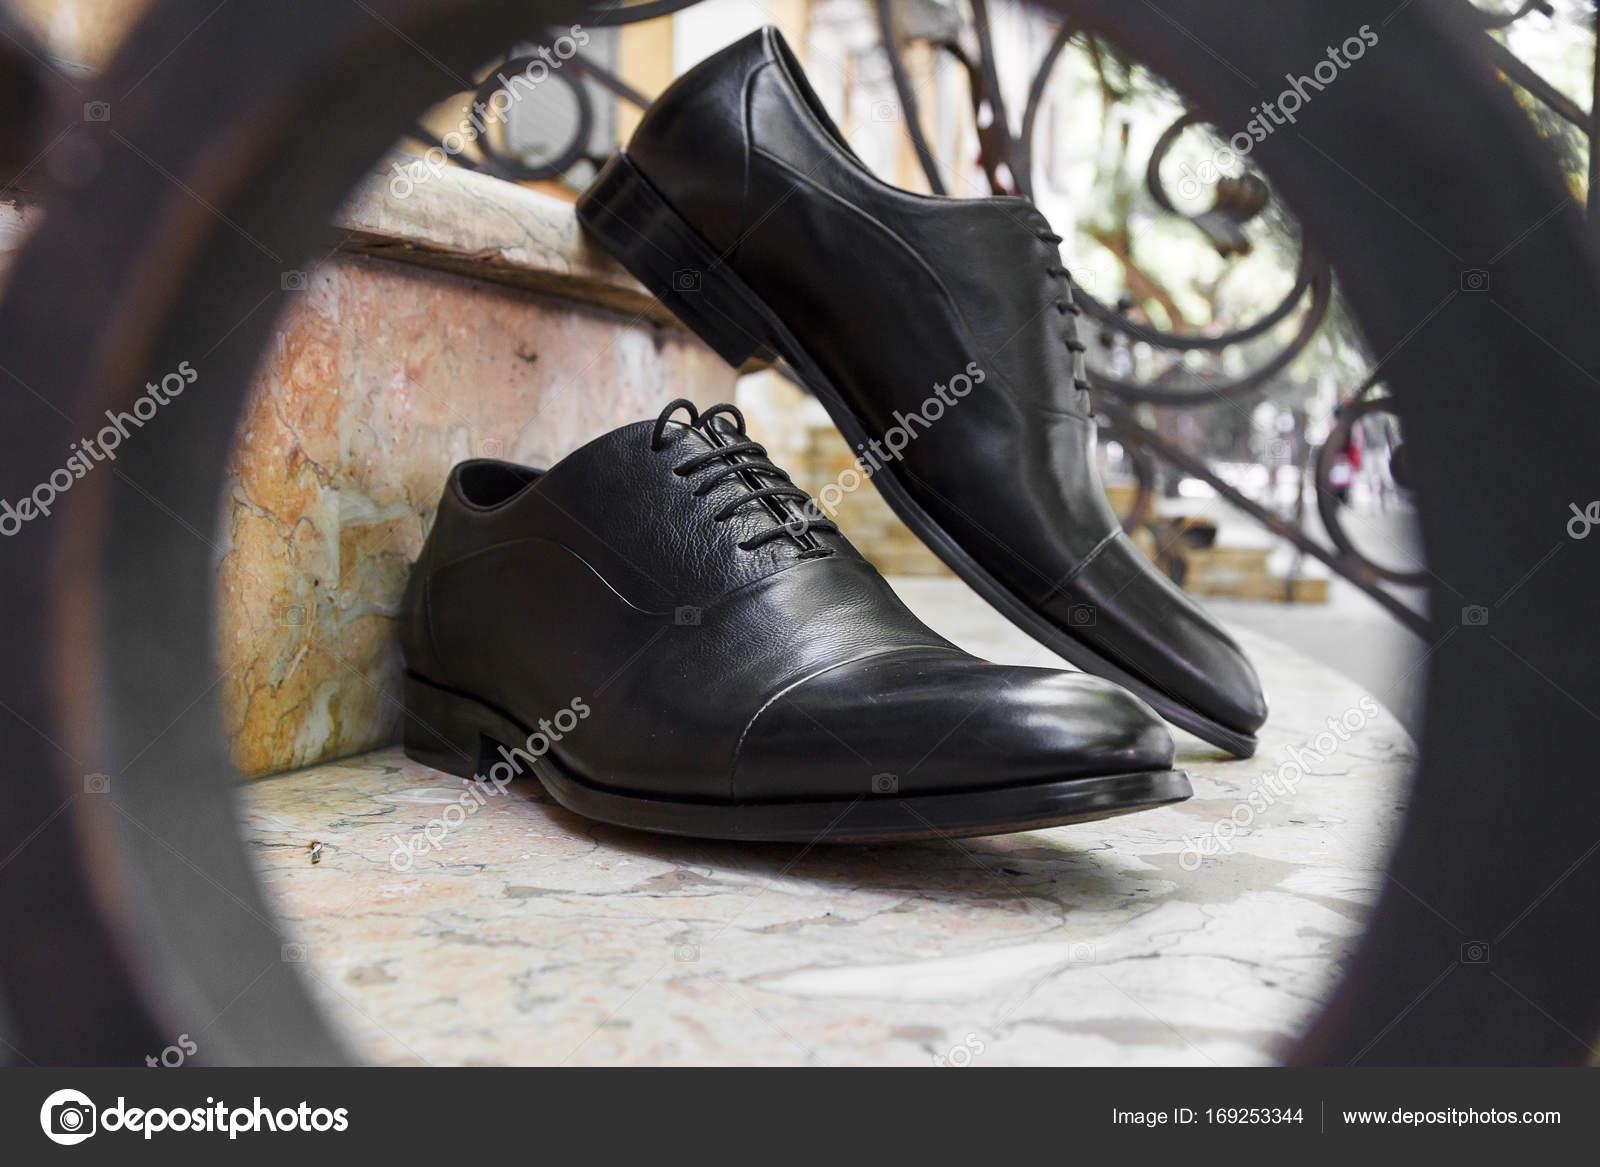 — Zapatos Vestir Escaleras En Cuero De Negro Las Hombre Foto 2WEH9eIDY